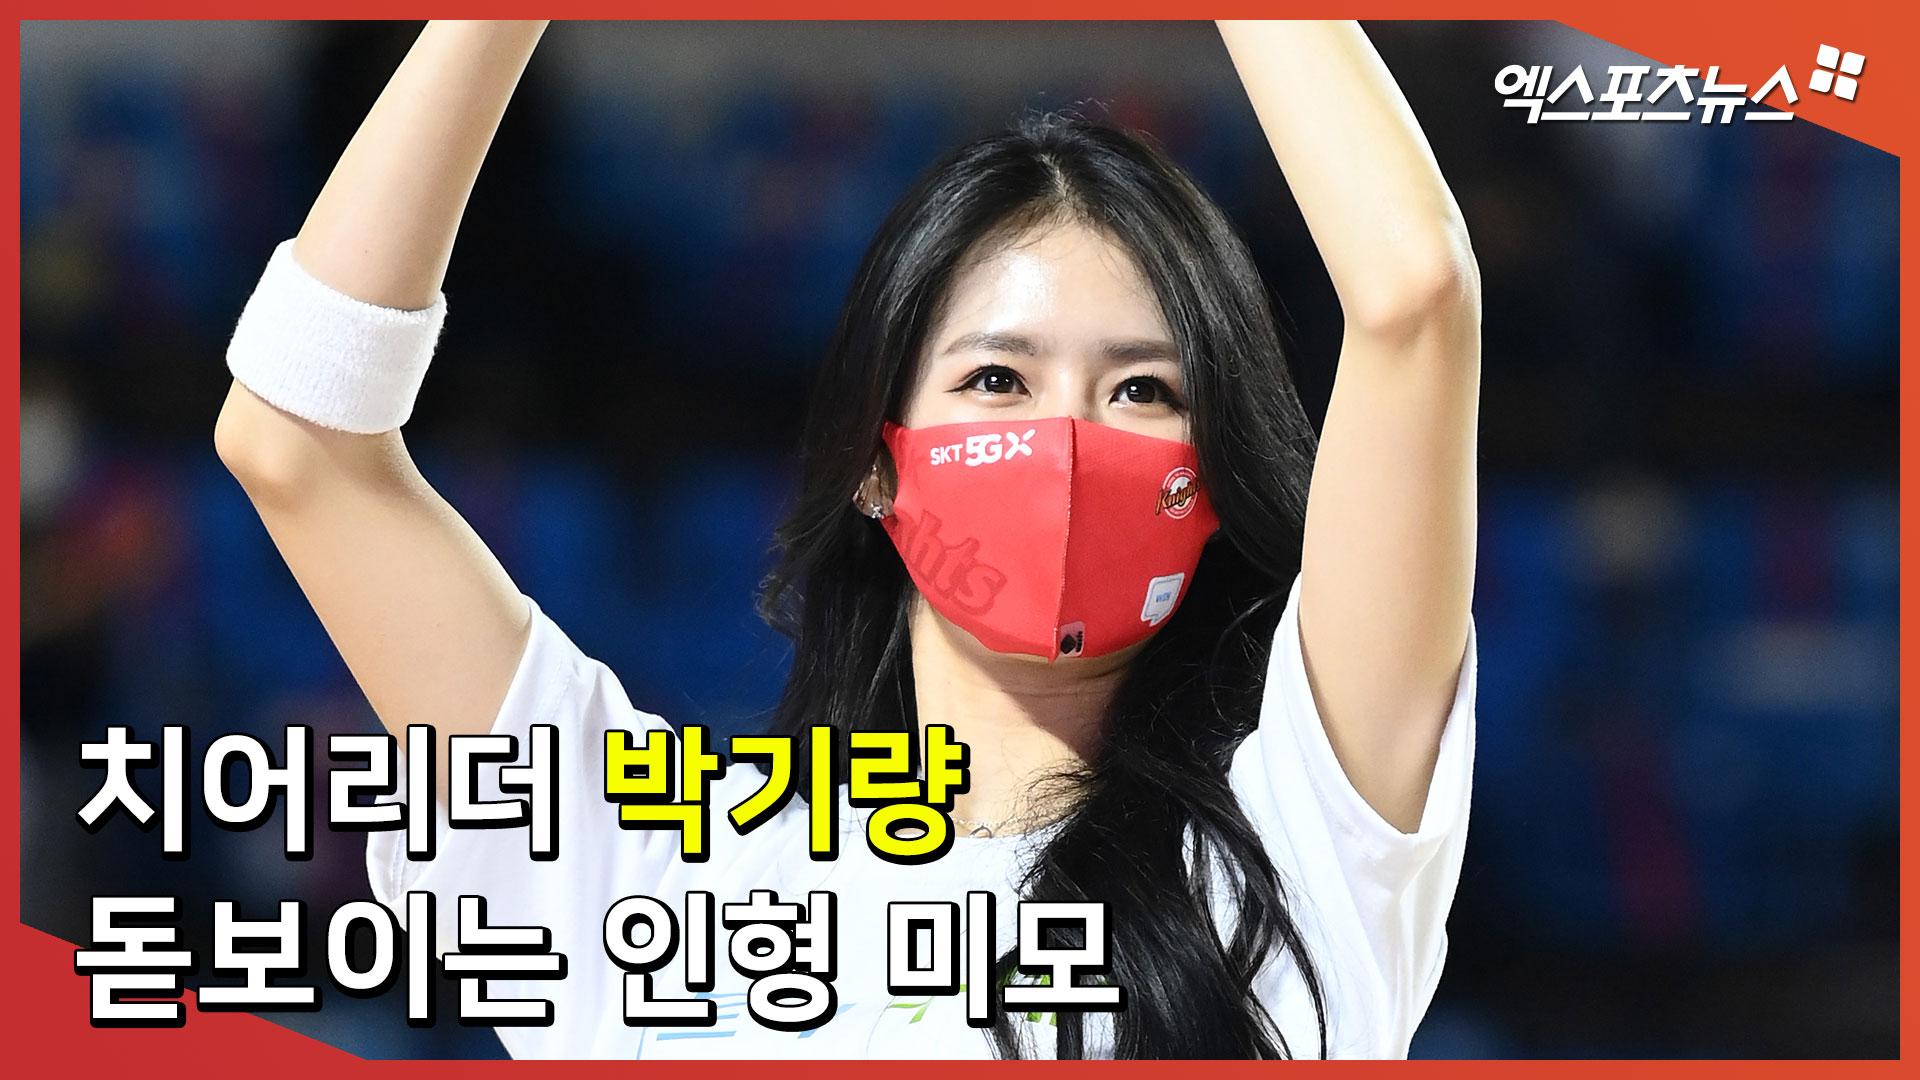 치어리더(Cheerleader) 박기량 '단연 돋보이는 인형 미모'[엑's 영상]